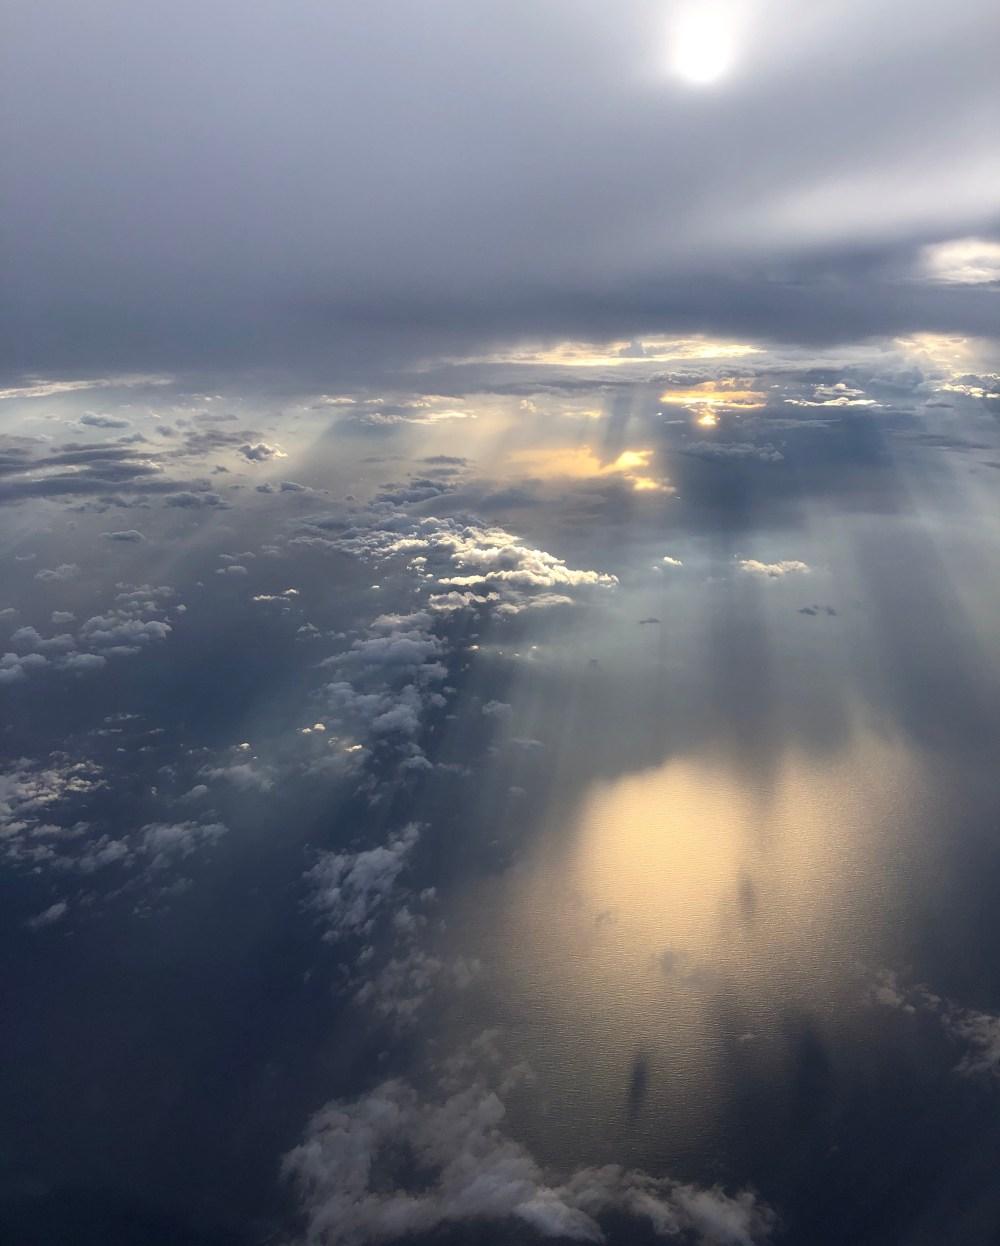 Viele kleine Wolken über dem Meer